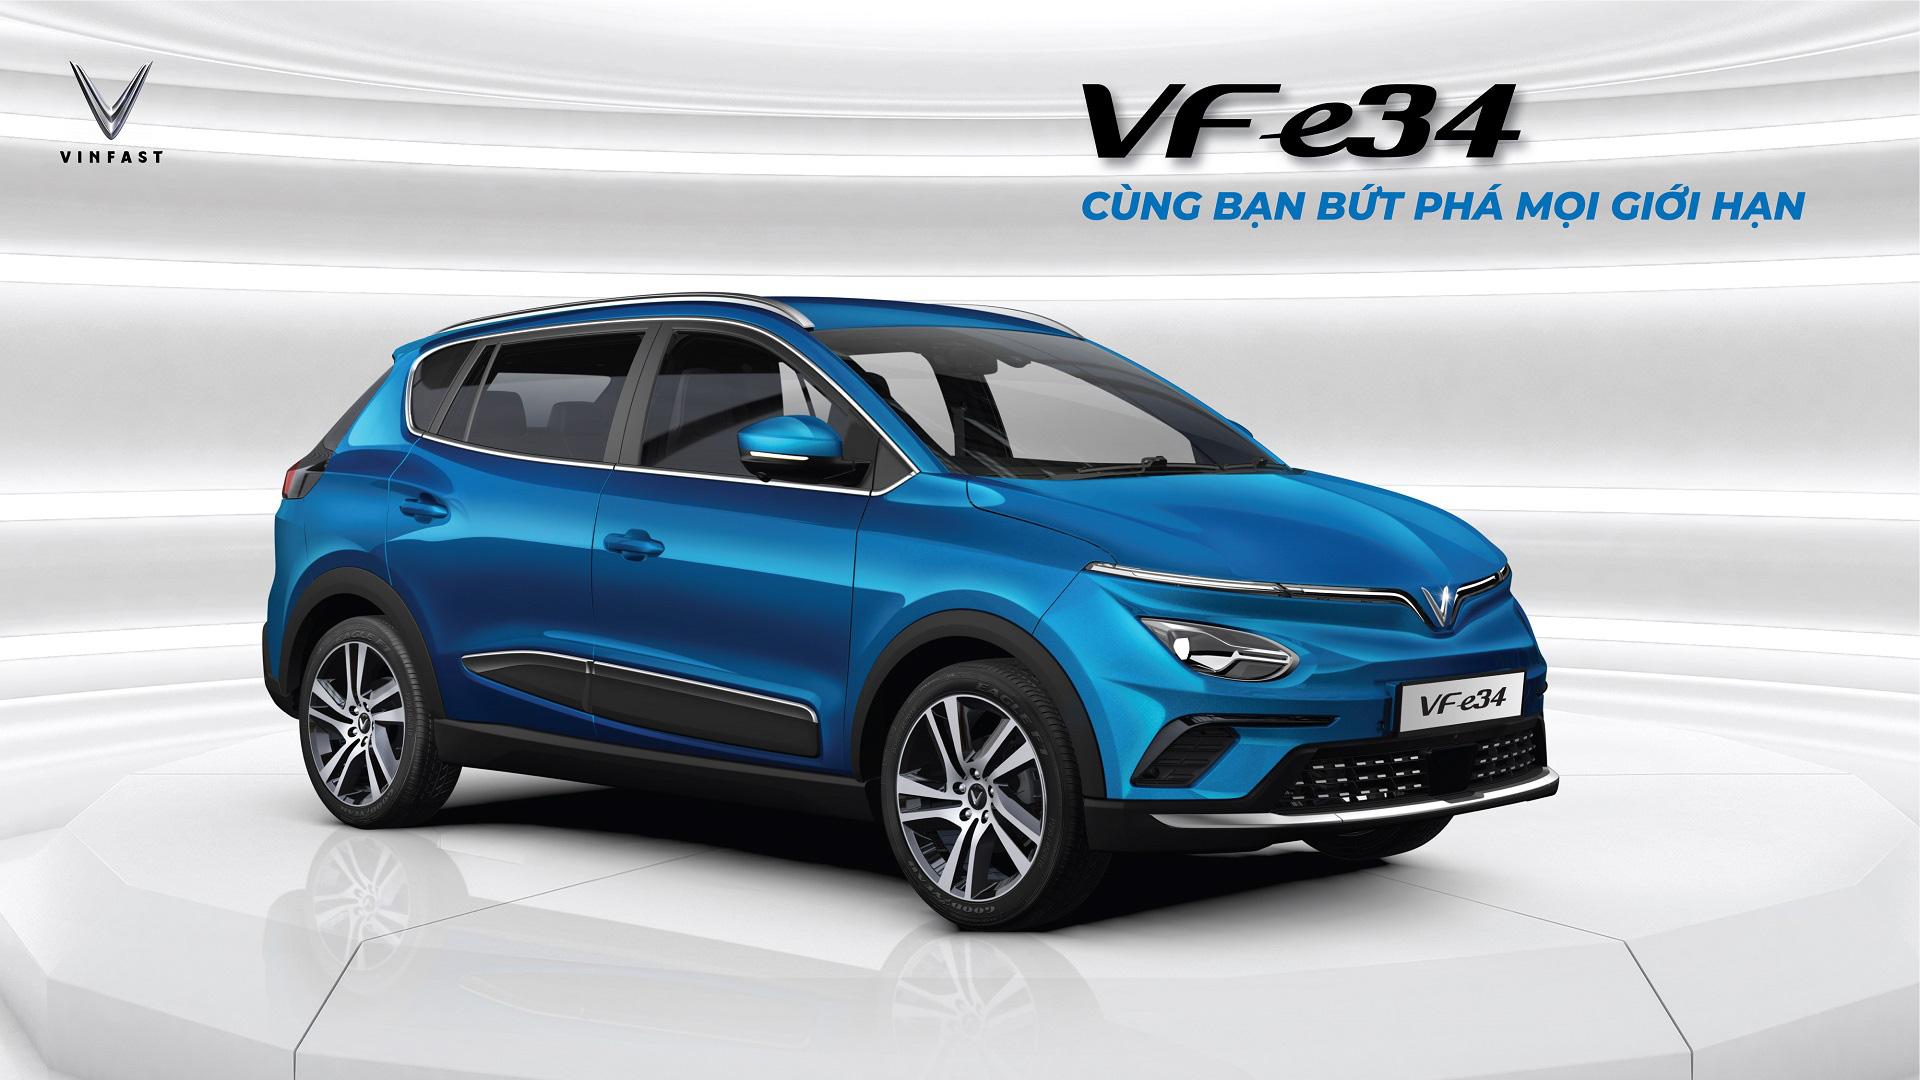 VinFast VF e34 - cuộc cách mạng trên thị trường ô tô Việt Nam - Ảnh 1.